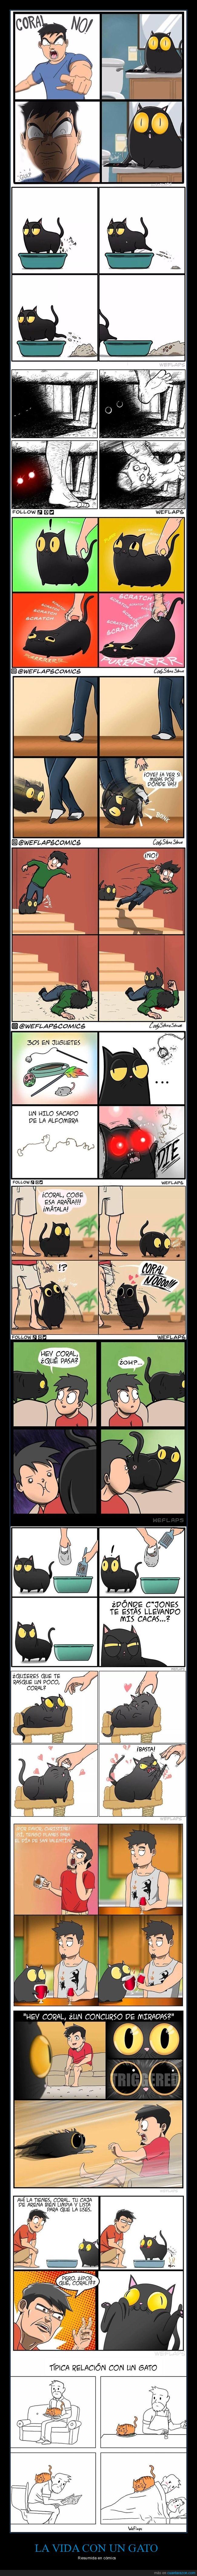 gatos,mascota,vida